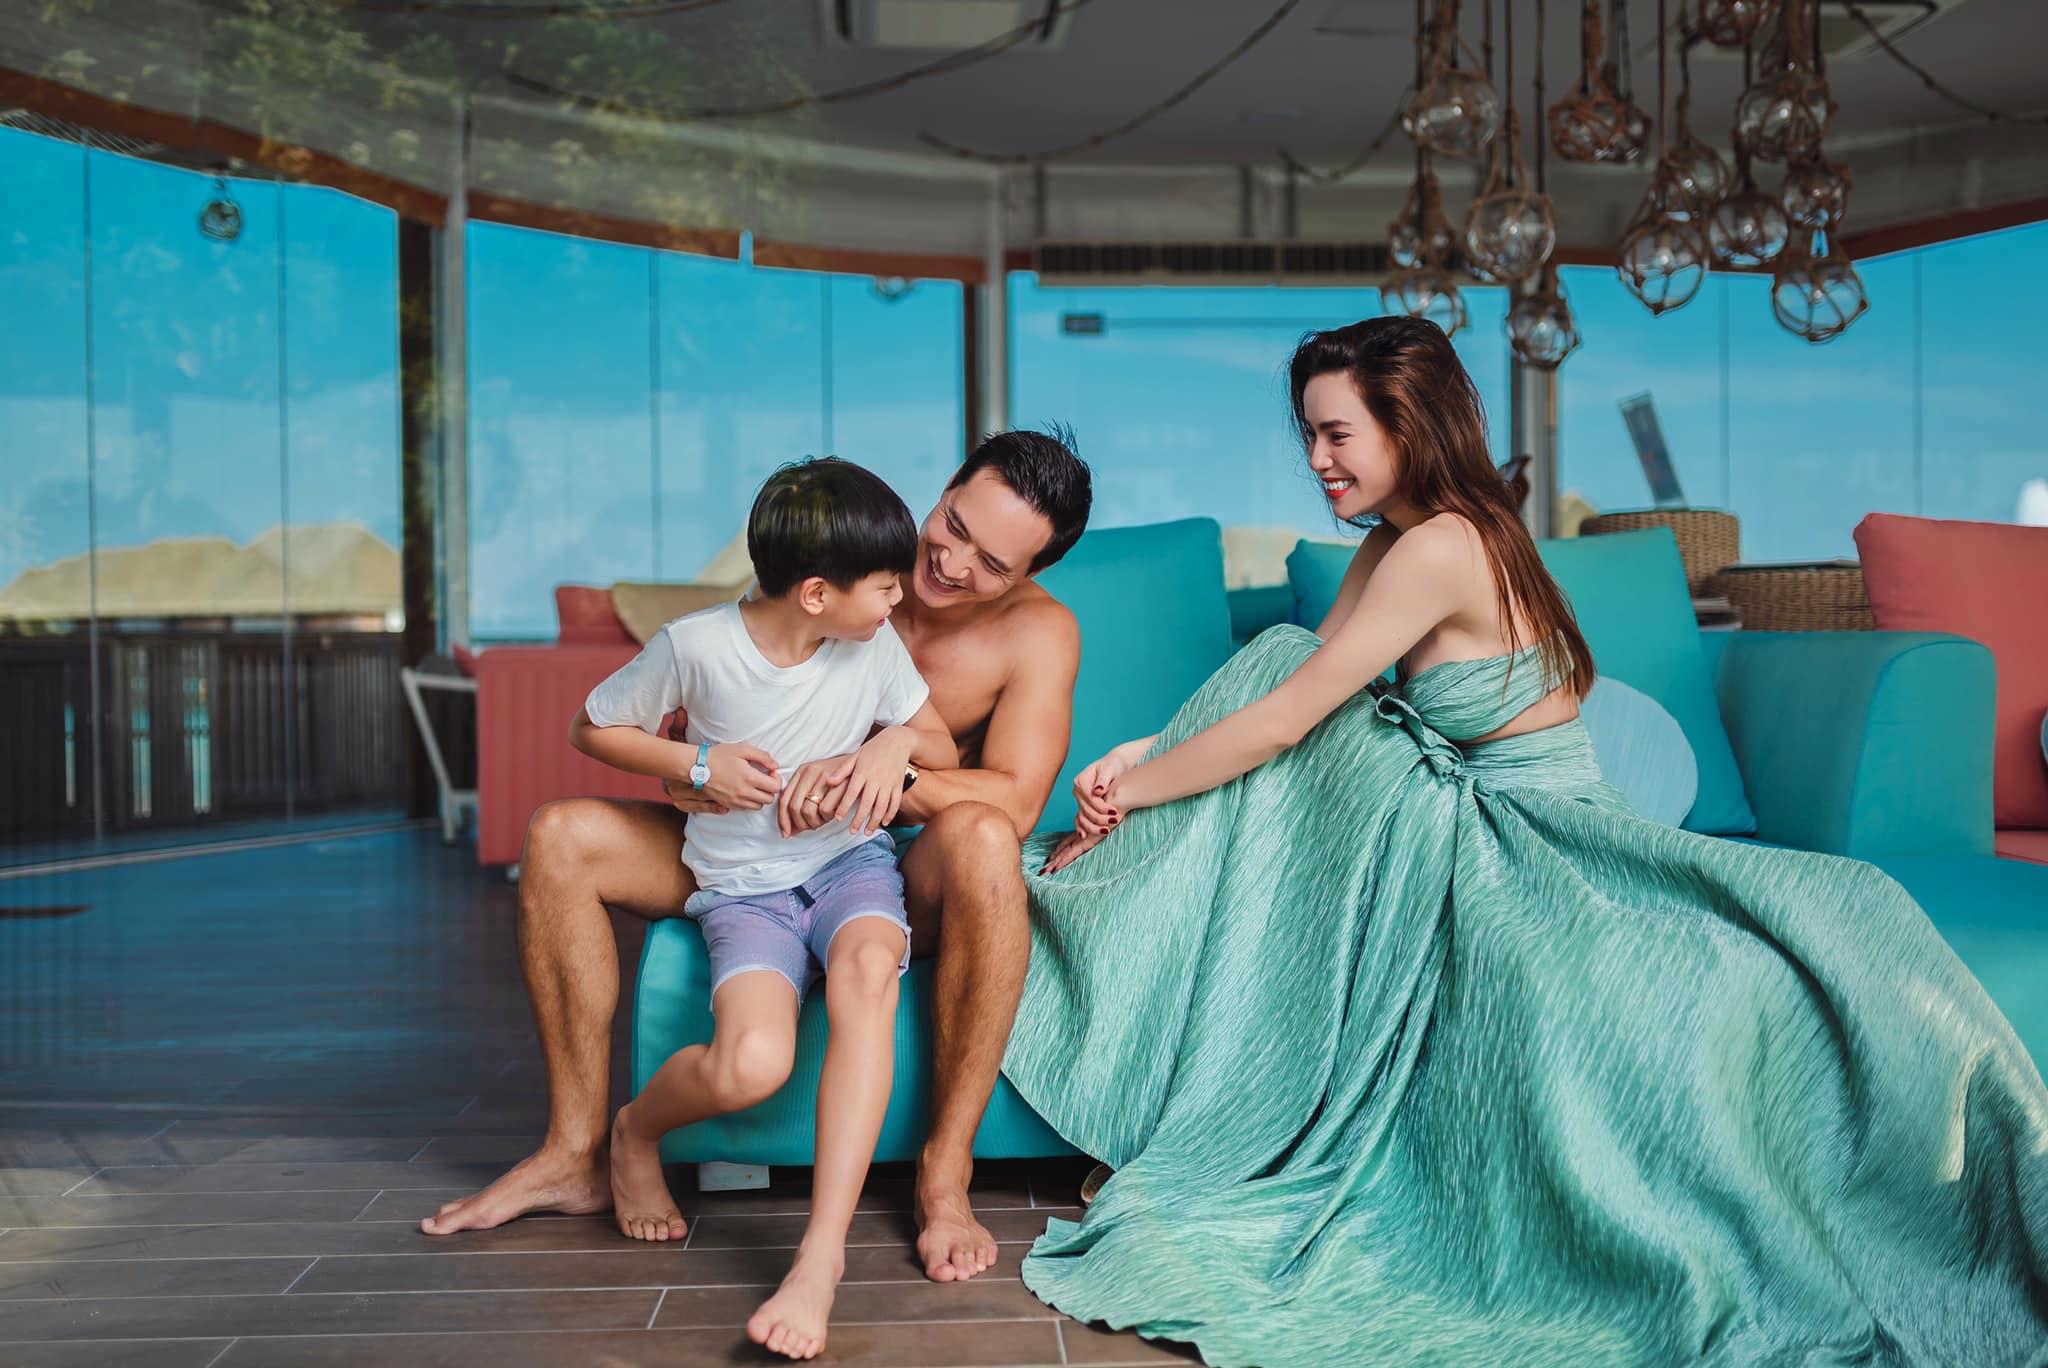 Kim Lý  gửi thư tình lãng mạn cho Hồ Ngọc Hà, ngầm xác nhận chuyện có con?